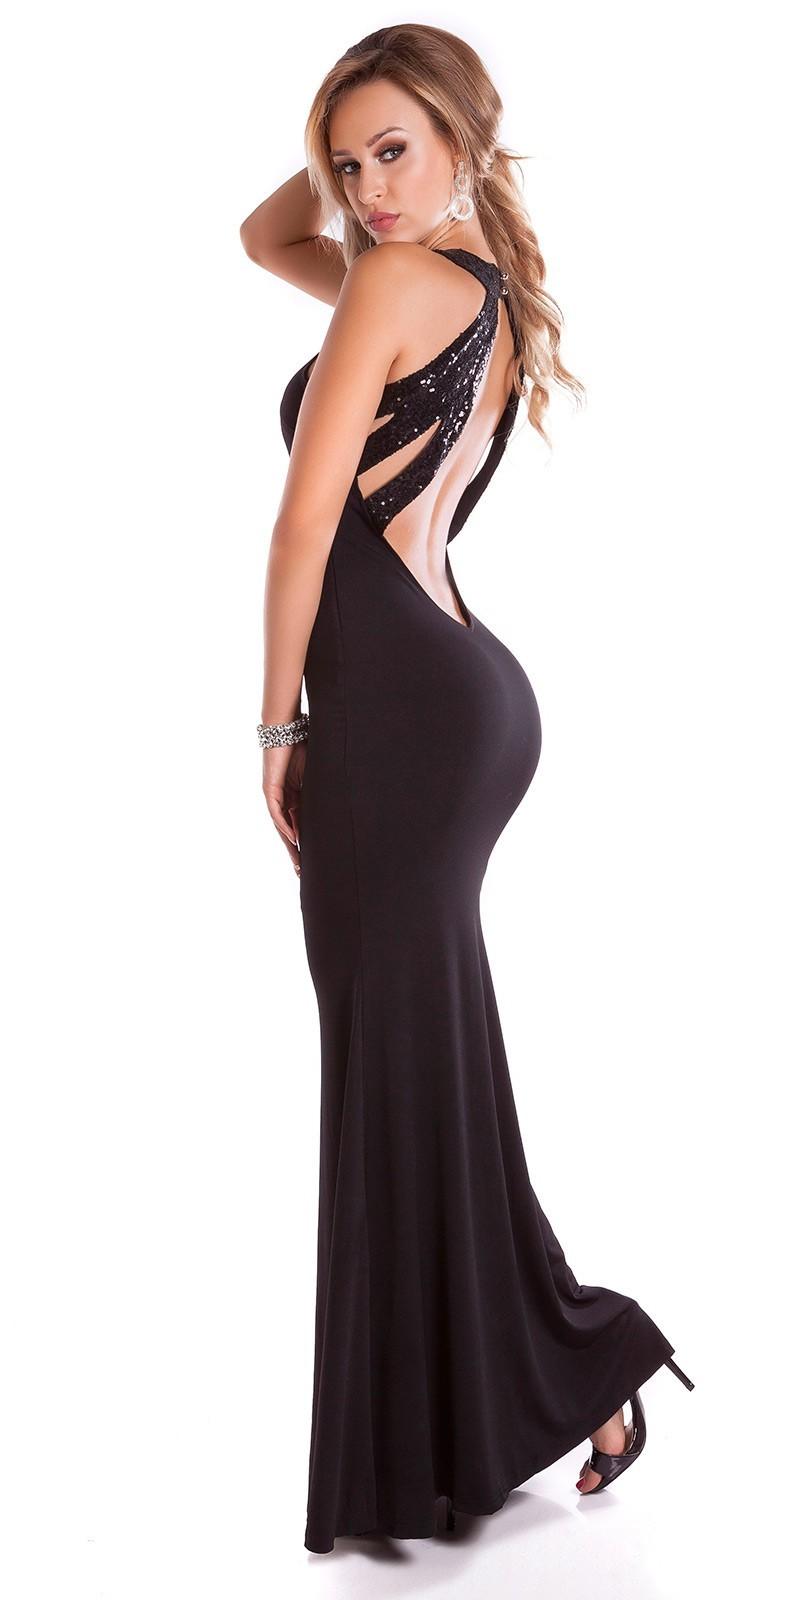 Spoločenské šaty s holým chrbtom Black – Sissy Boutique 95887b593ac